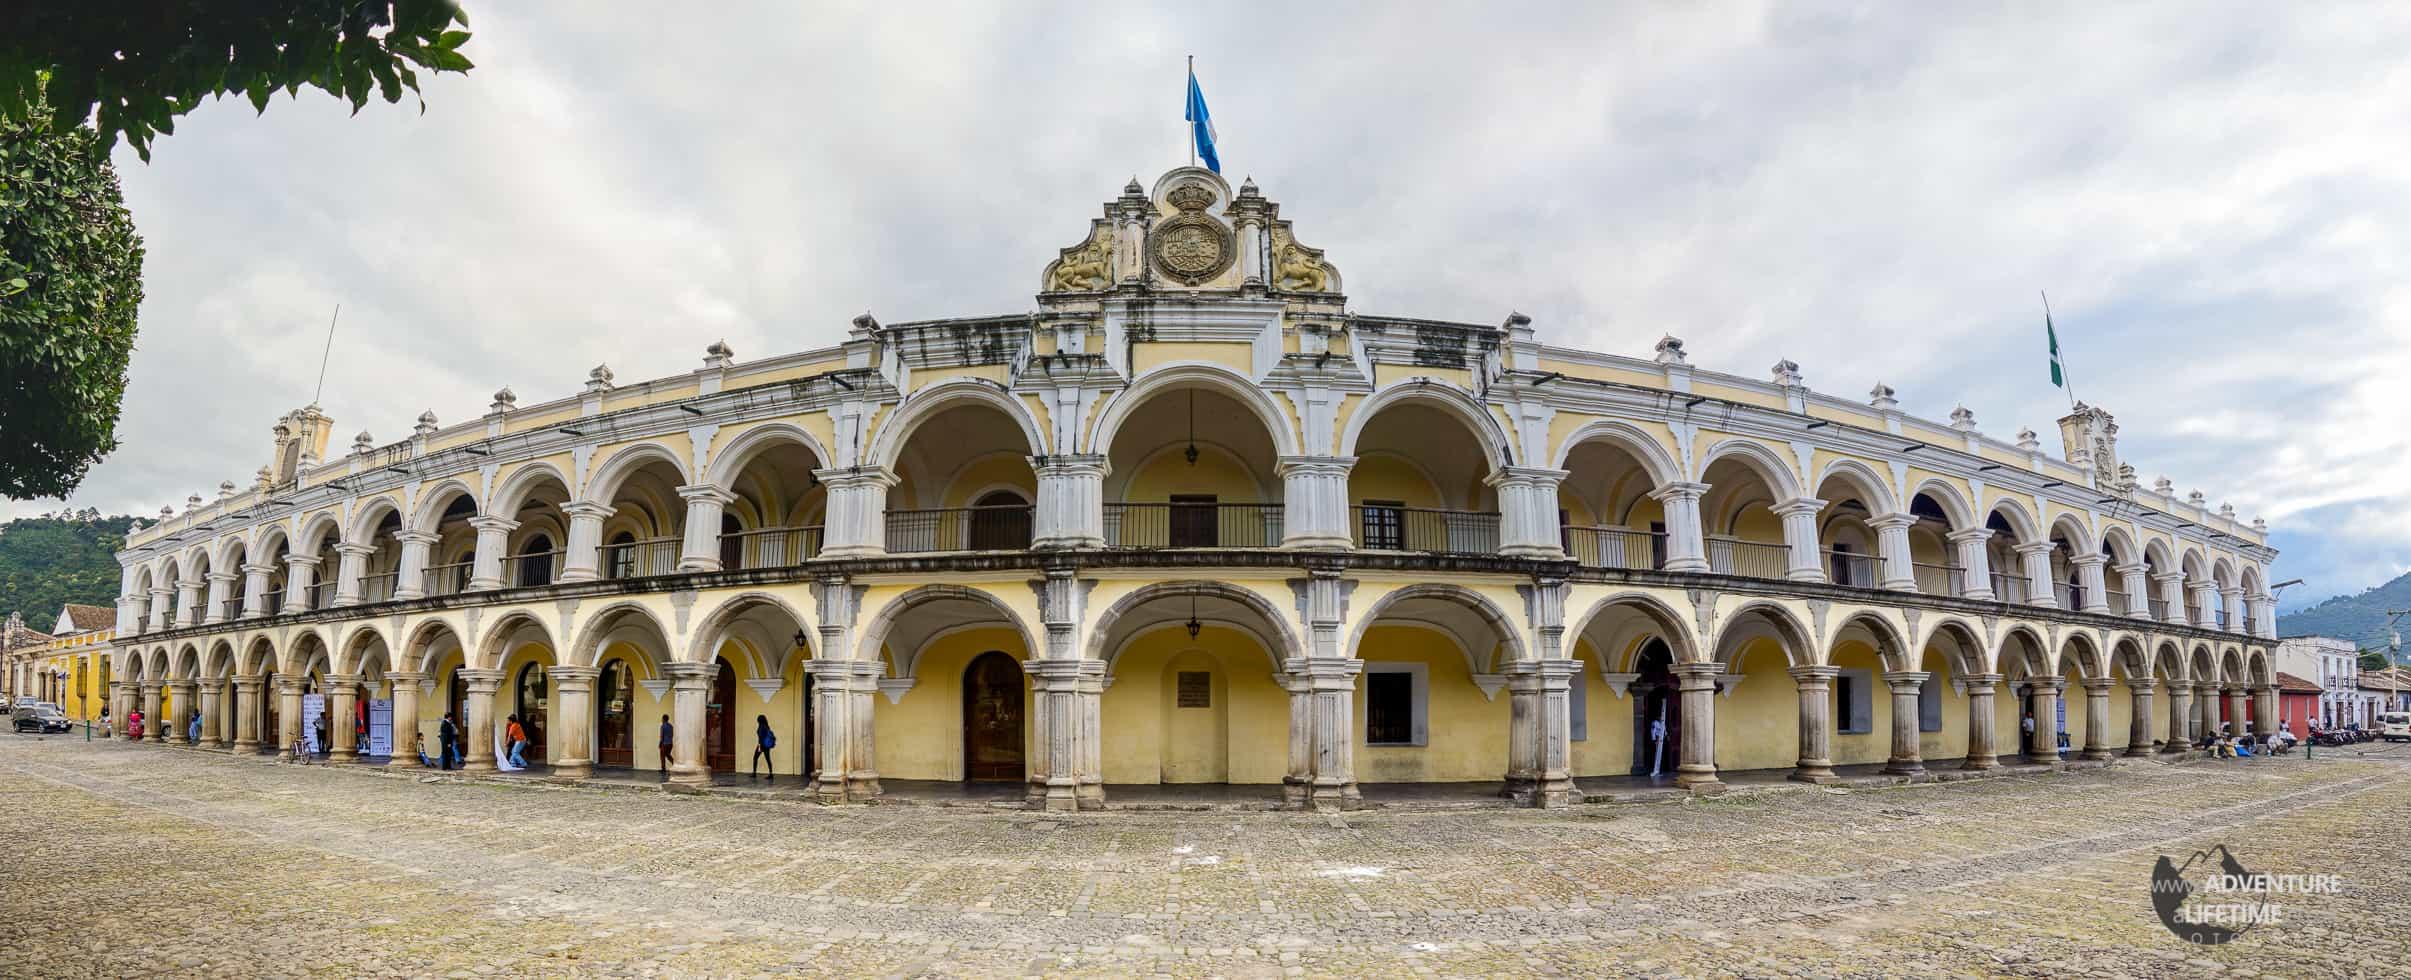 Guatemala - Antigua City Square